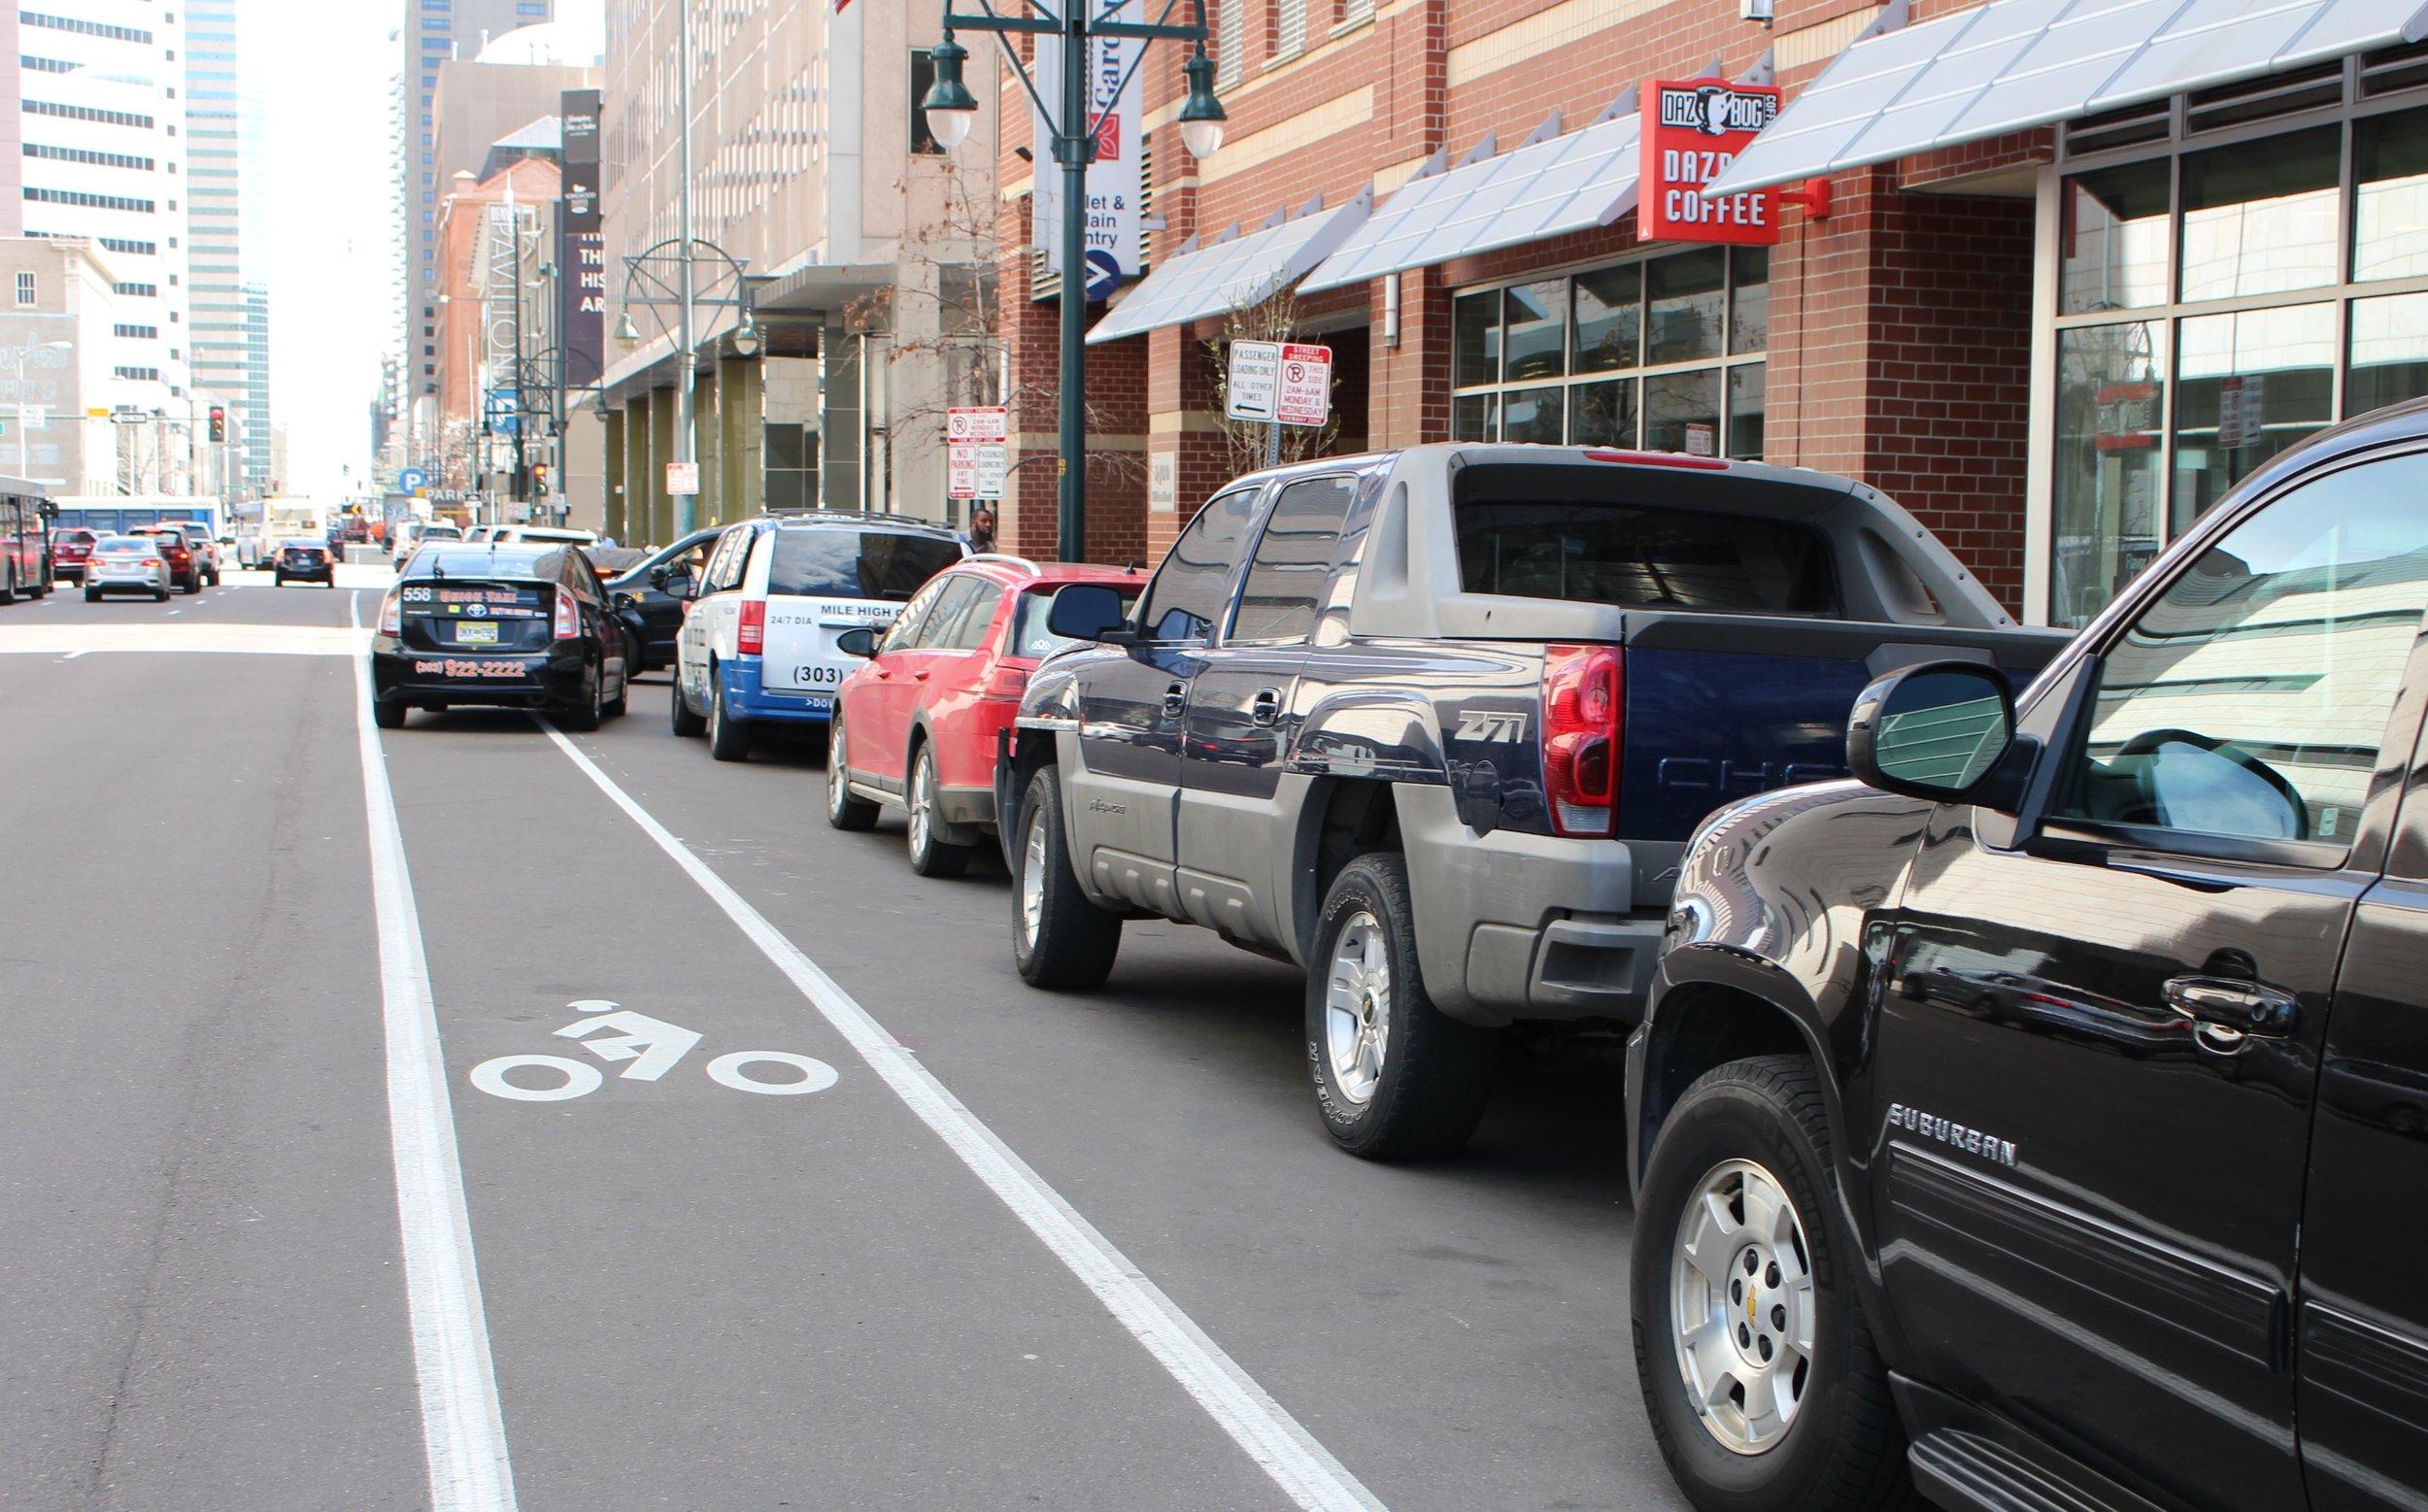 Downtown Denver – Taxi Cab Blocking Bike Lane